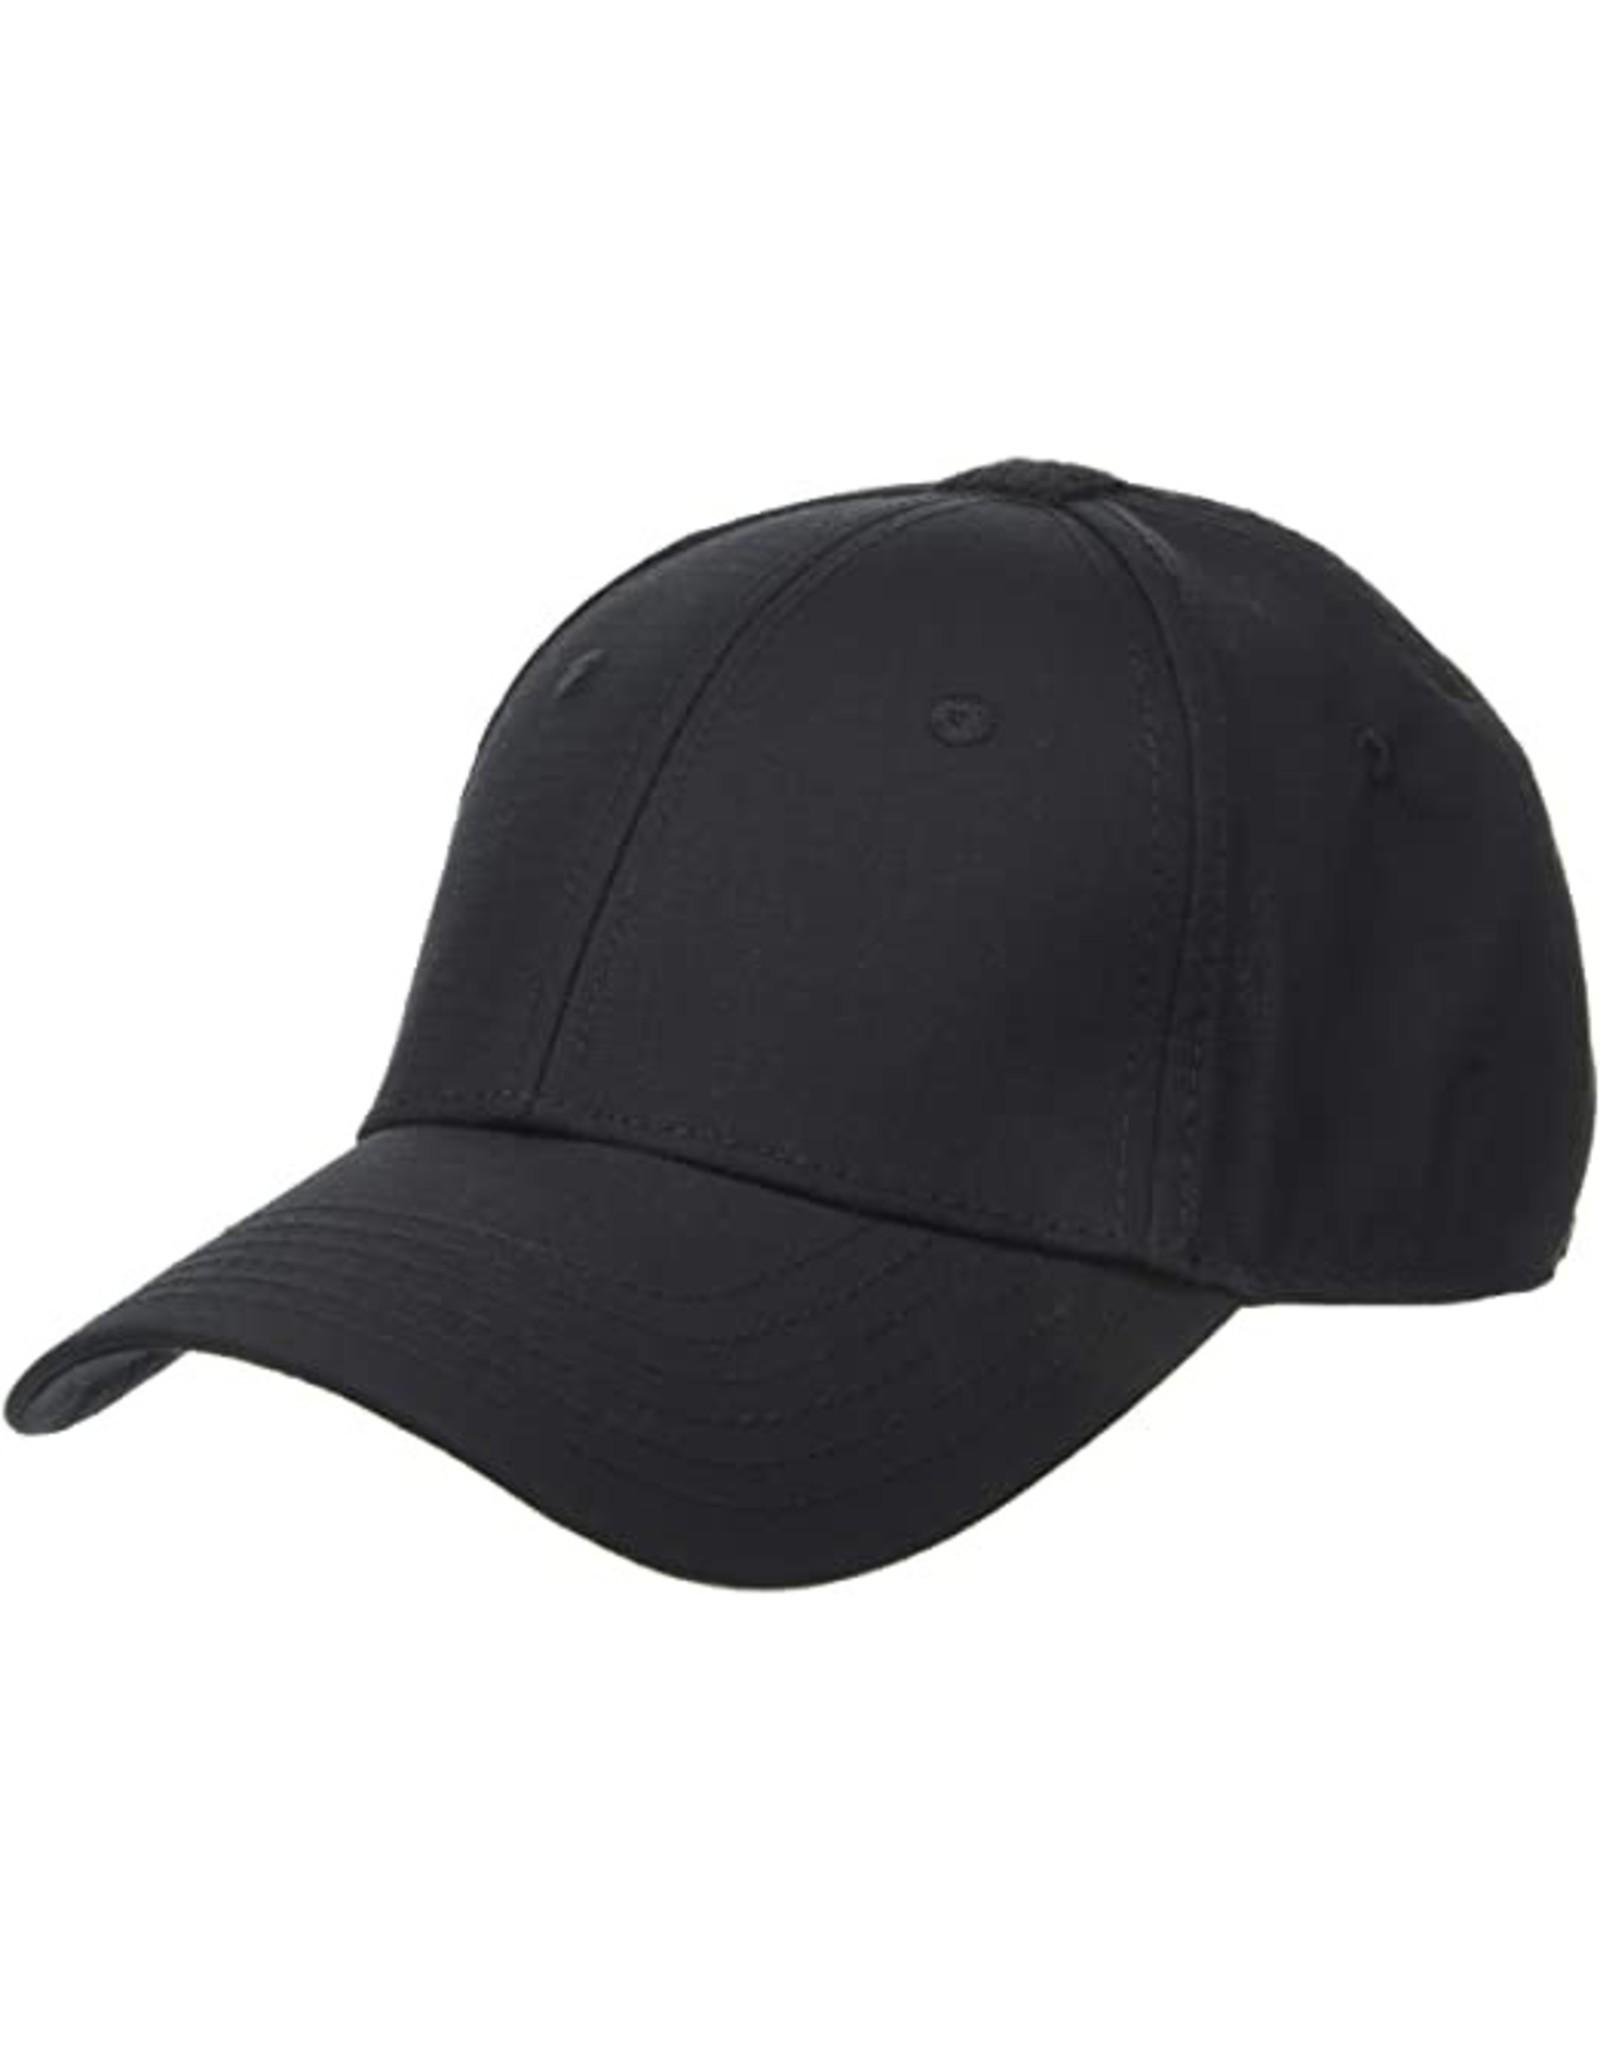 PROPPER TACTICAL GEAR 6 PANEL CAP